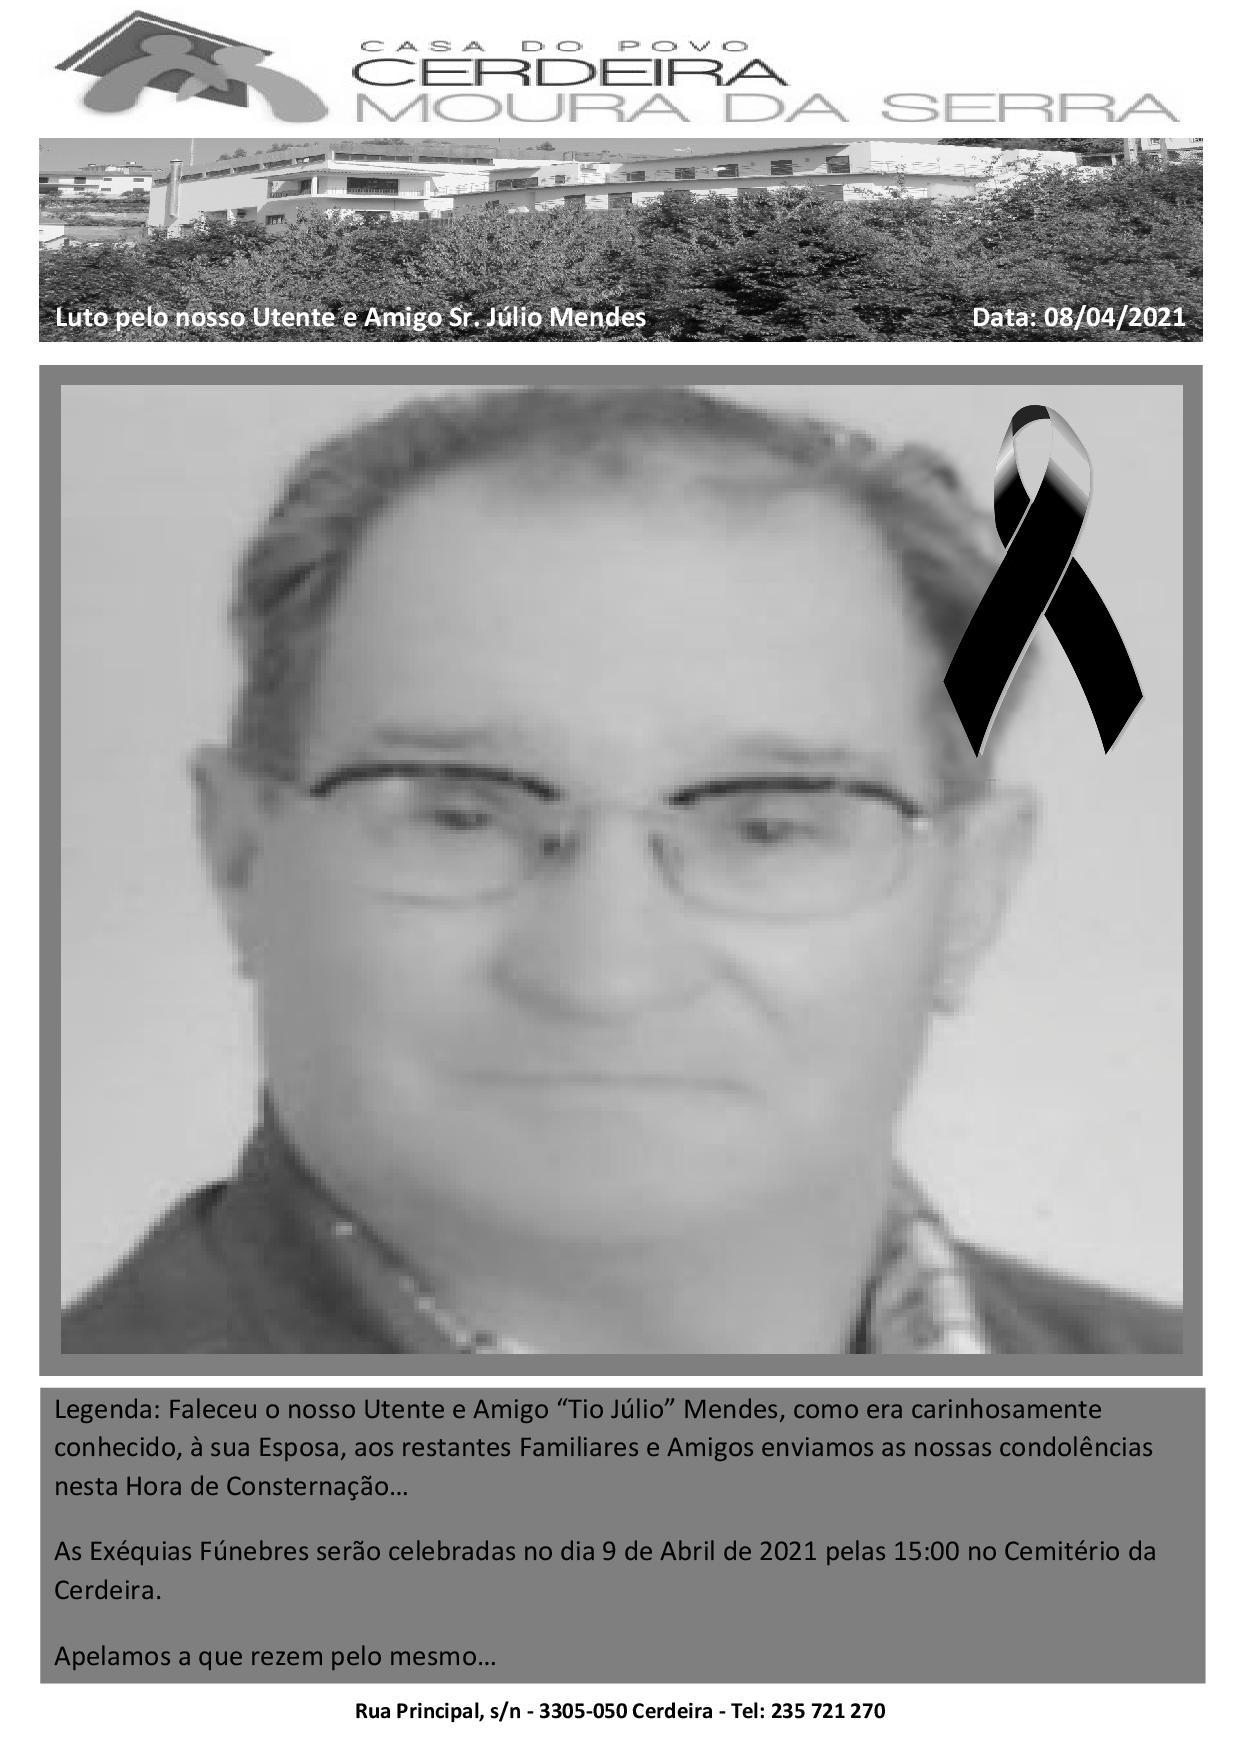 Luto pelo nosso Utente e Amigo Sr. Júlio Mendes